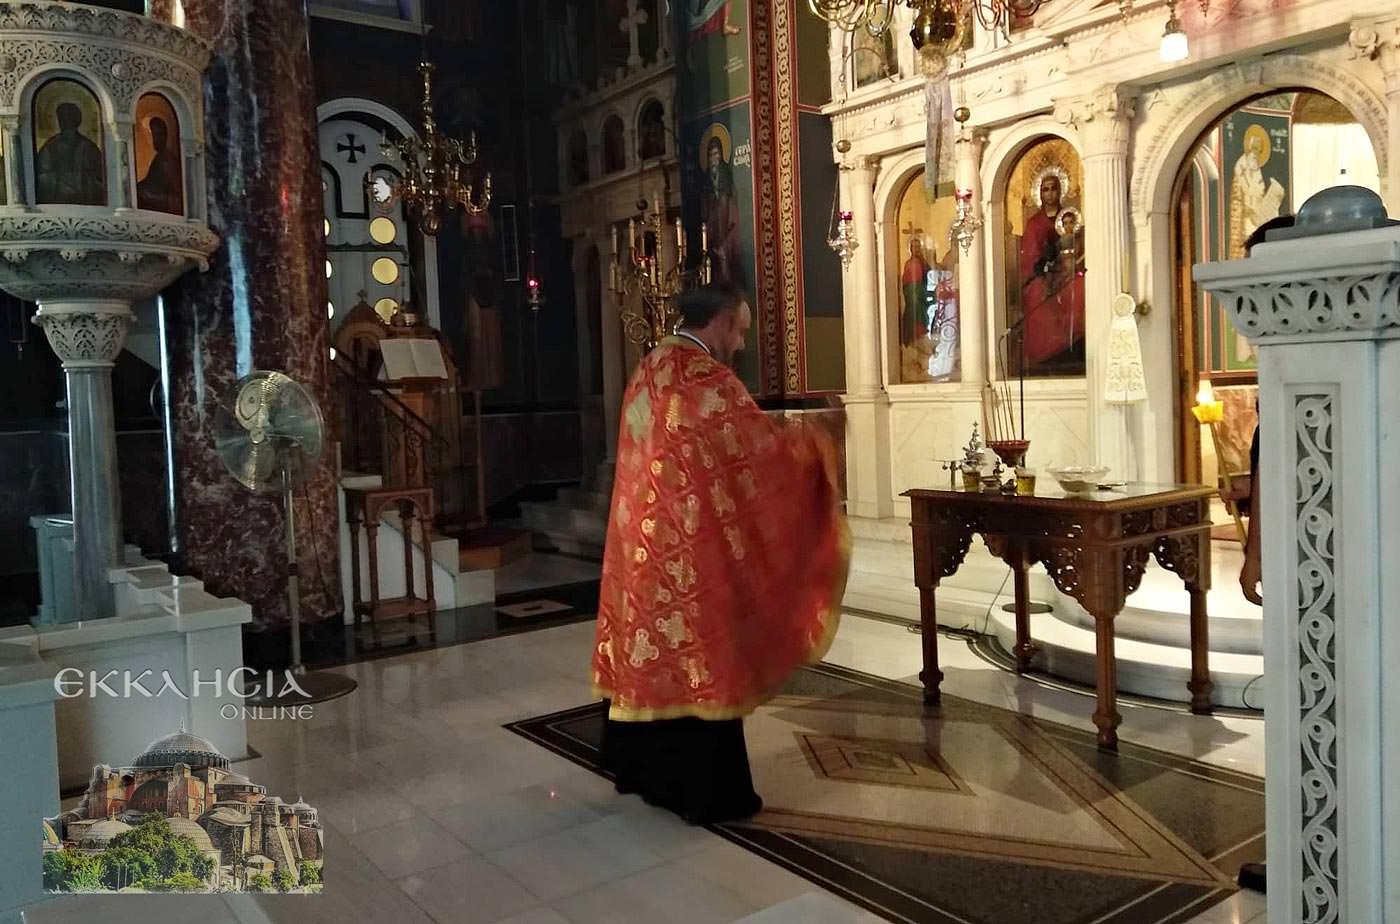 Ιερός Ναός Αγίας Τριάδας Τιμίου Σταυρού 2019